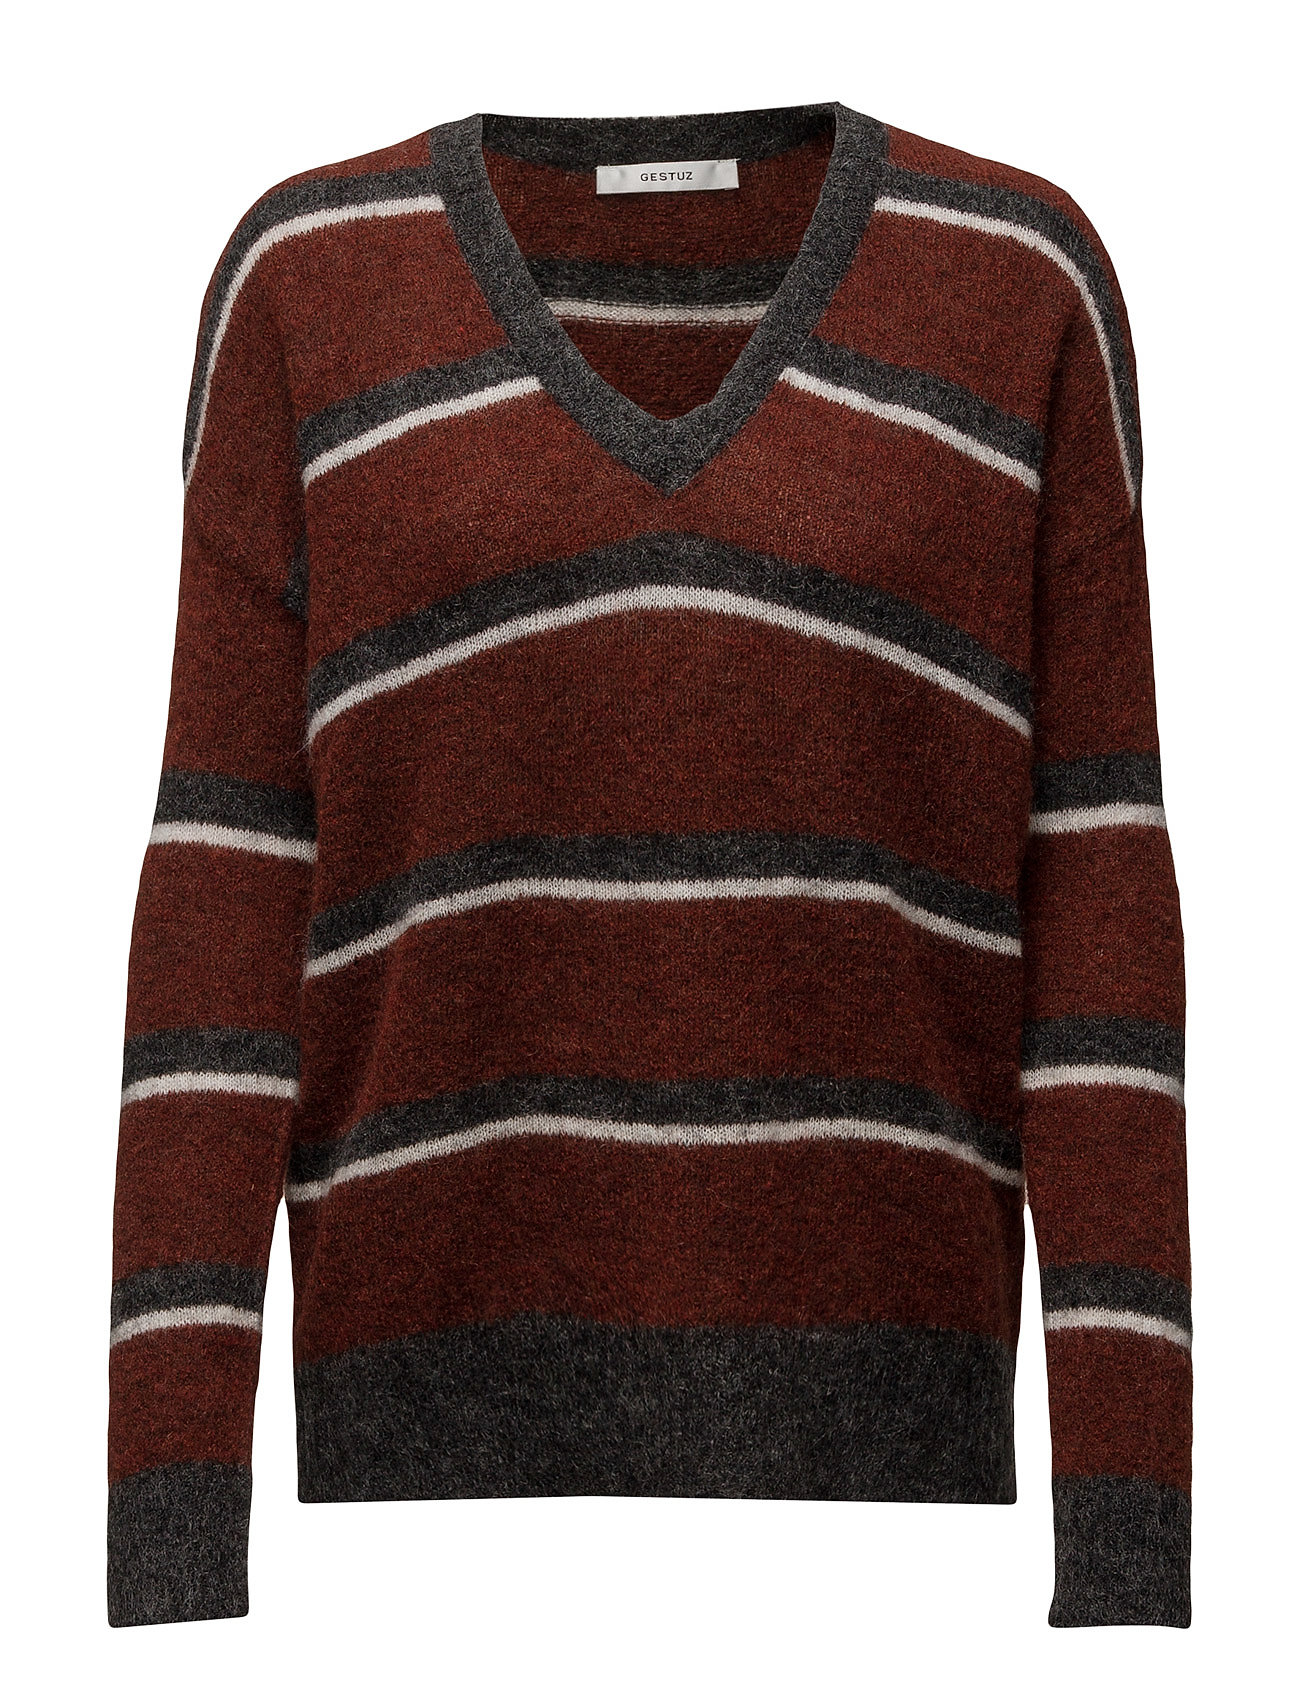 Obi Pullover Ma16 Gestuz Sweatshirts til Kvinder i